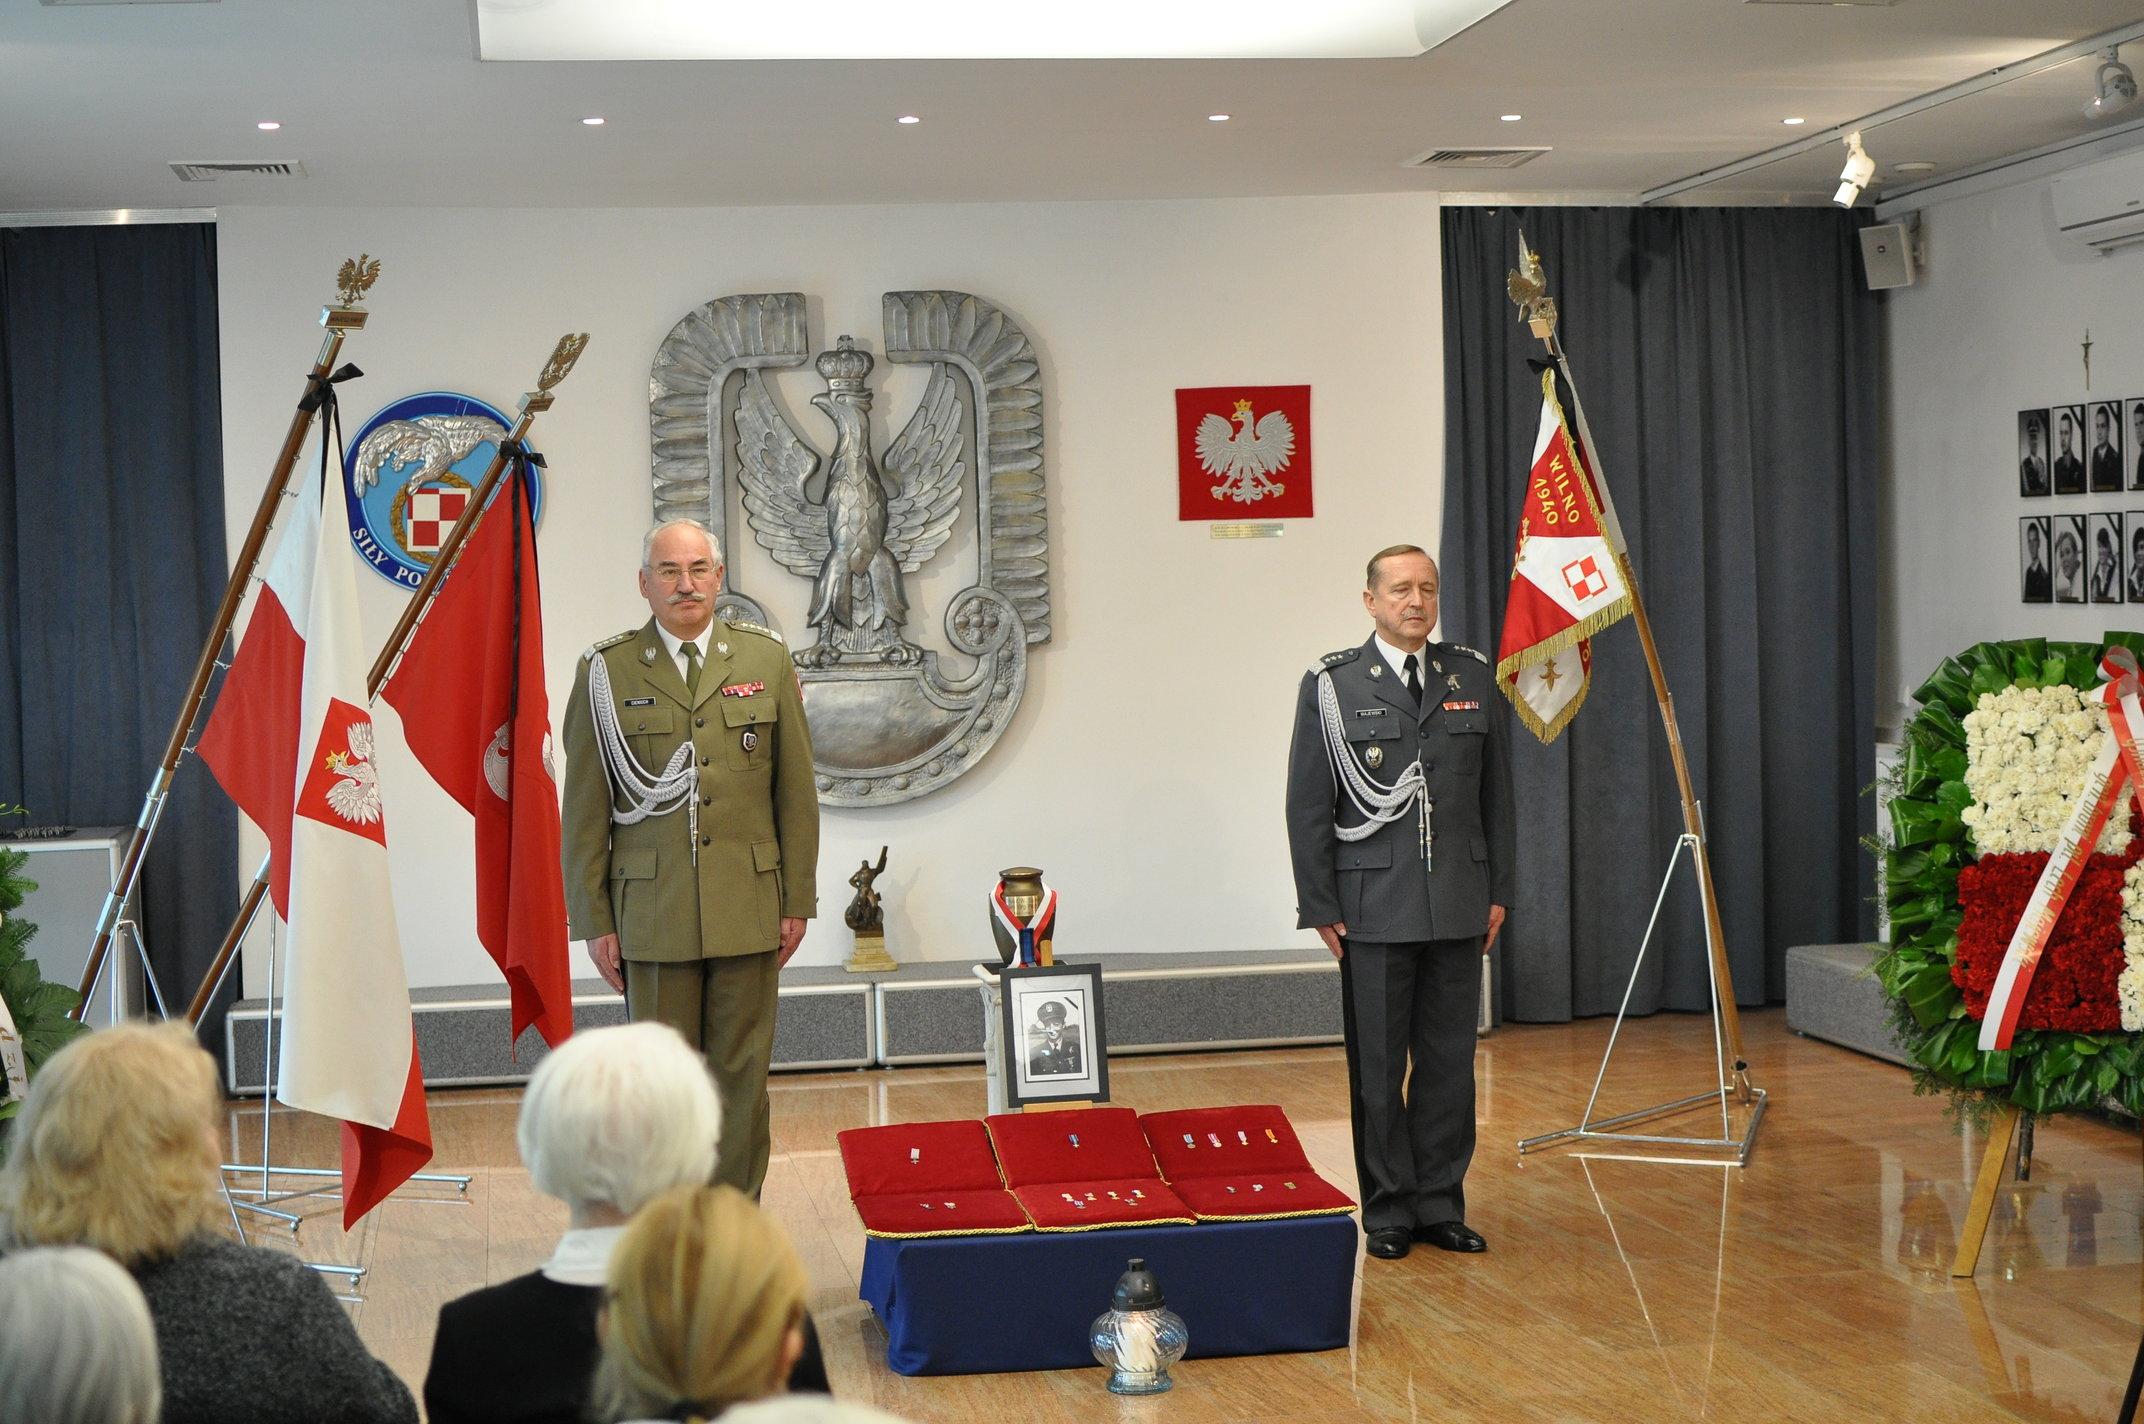 2011-11-29-sawicz155s